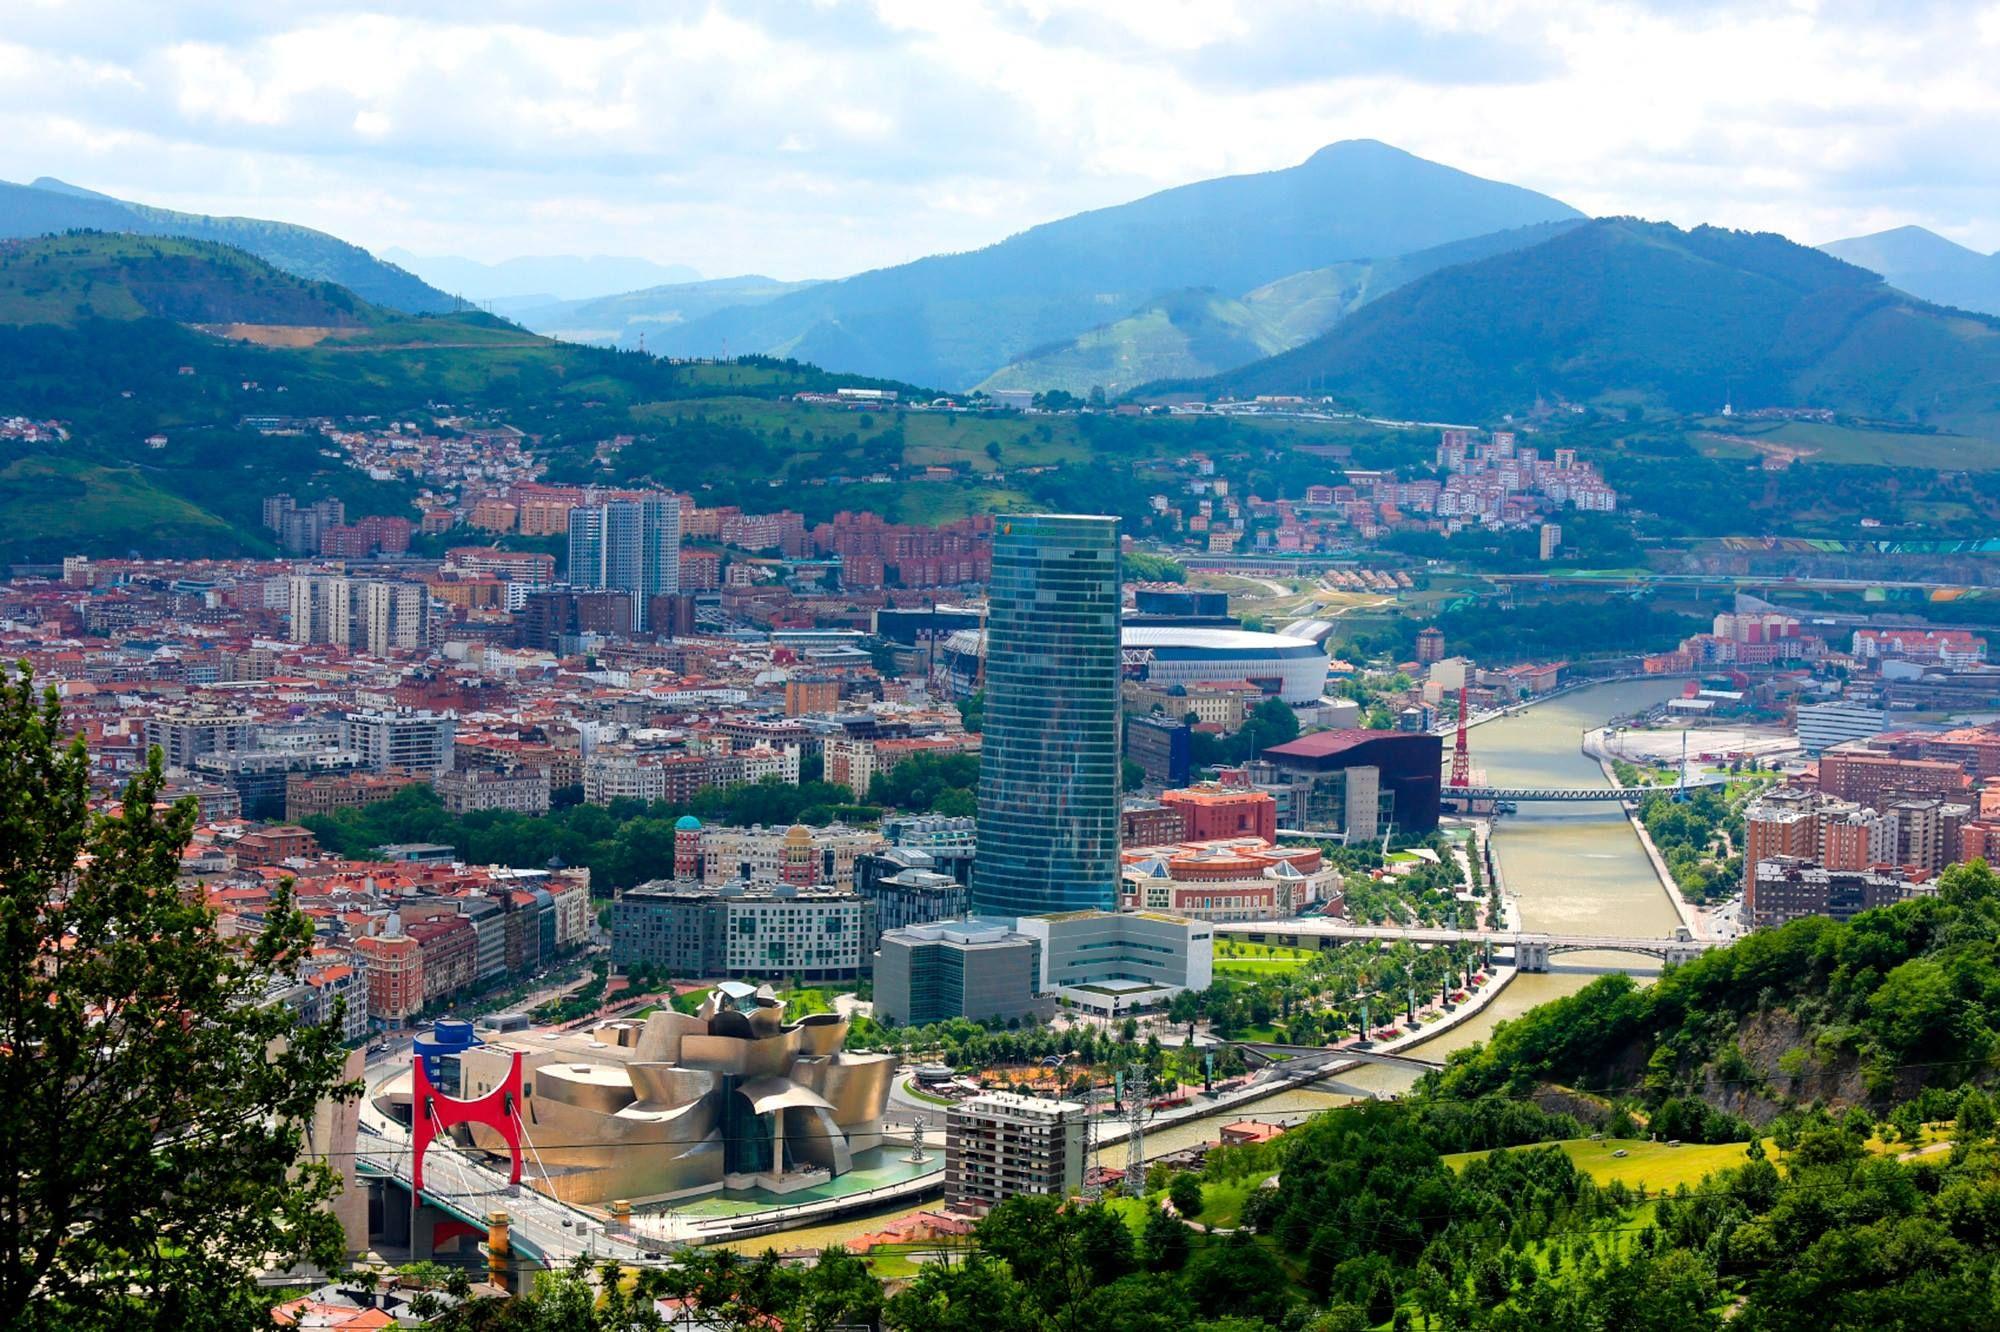 Turismo en Bilbao, Vizcaya/Bizkaia, España | Espagnol, Basque